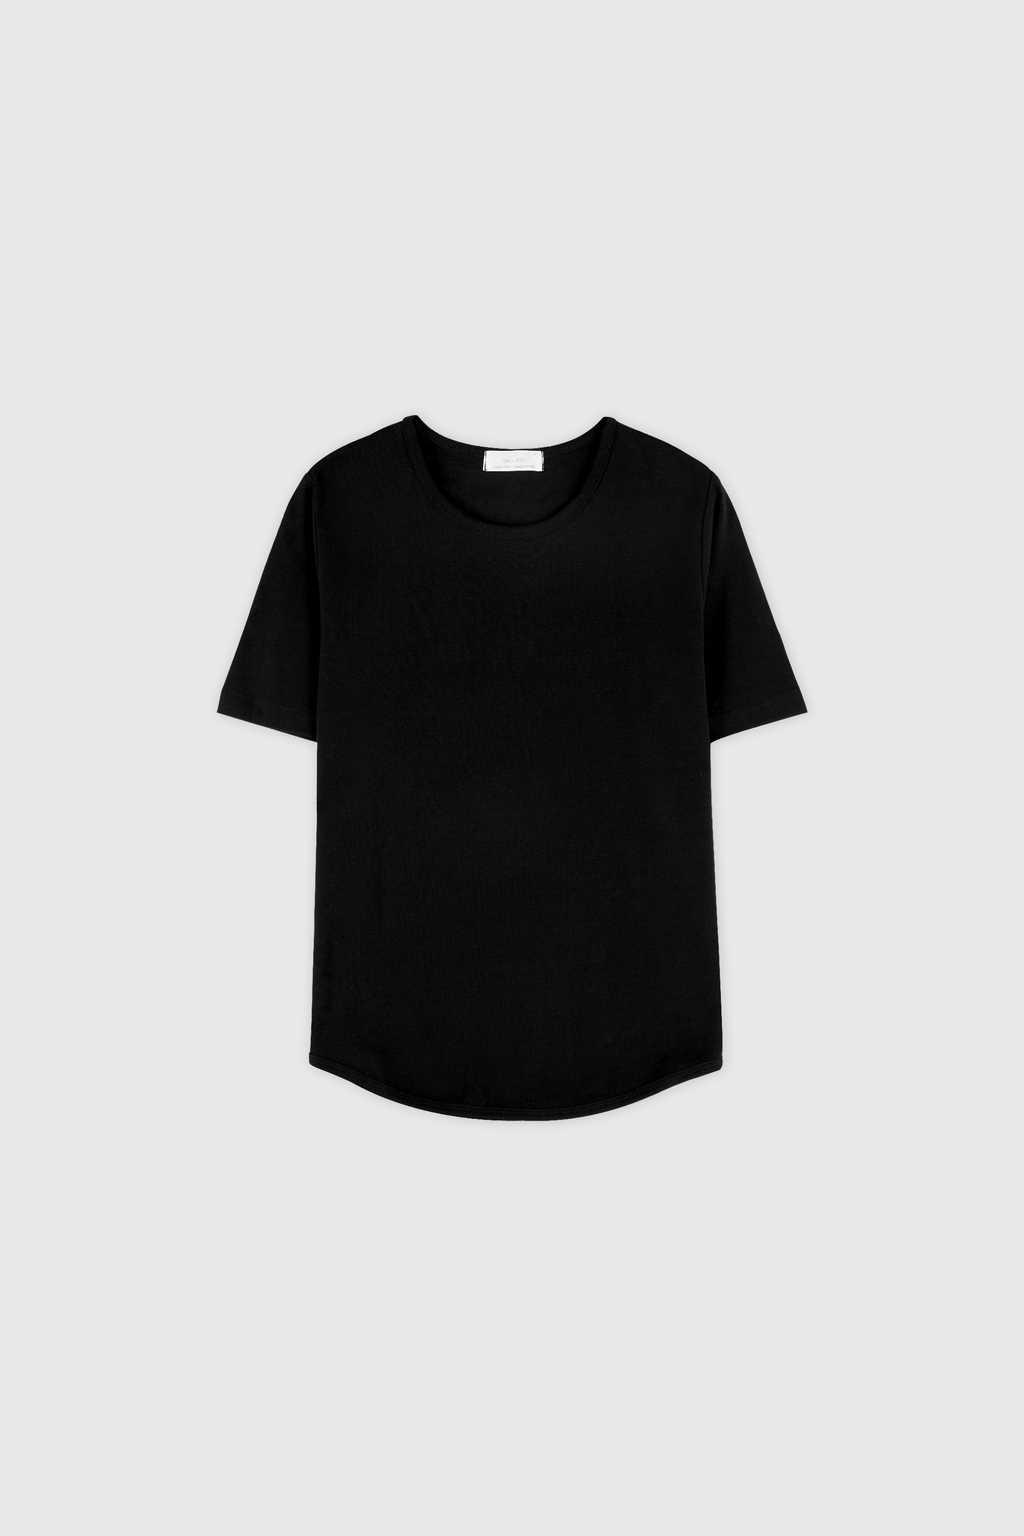 TShirt 3344 Black 5